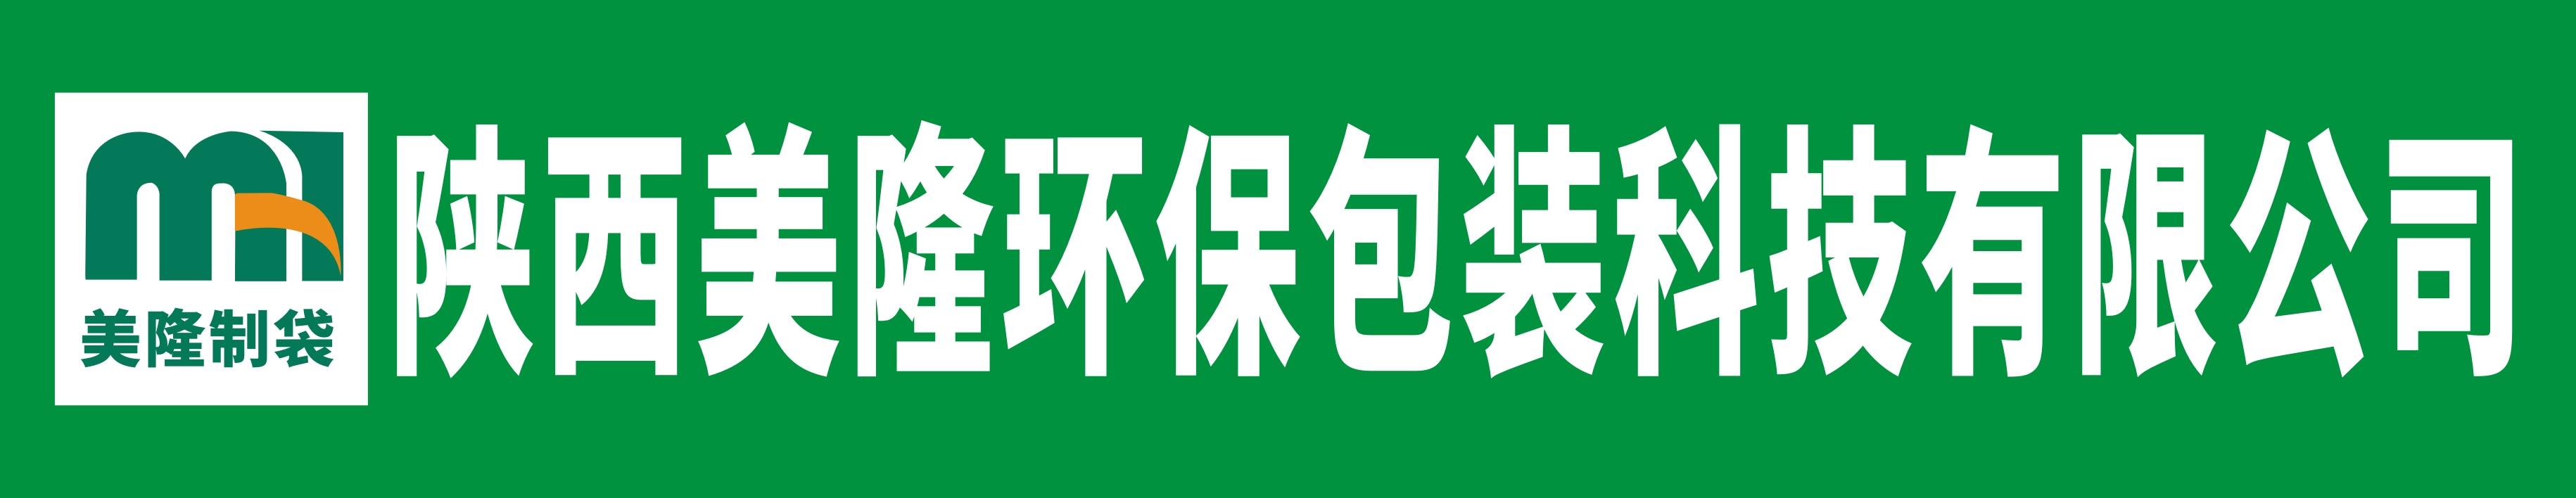 陕西美隆环保包装科技有限公司